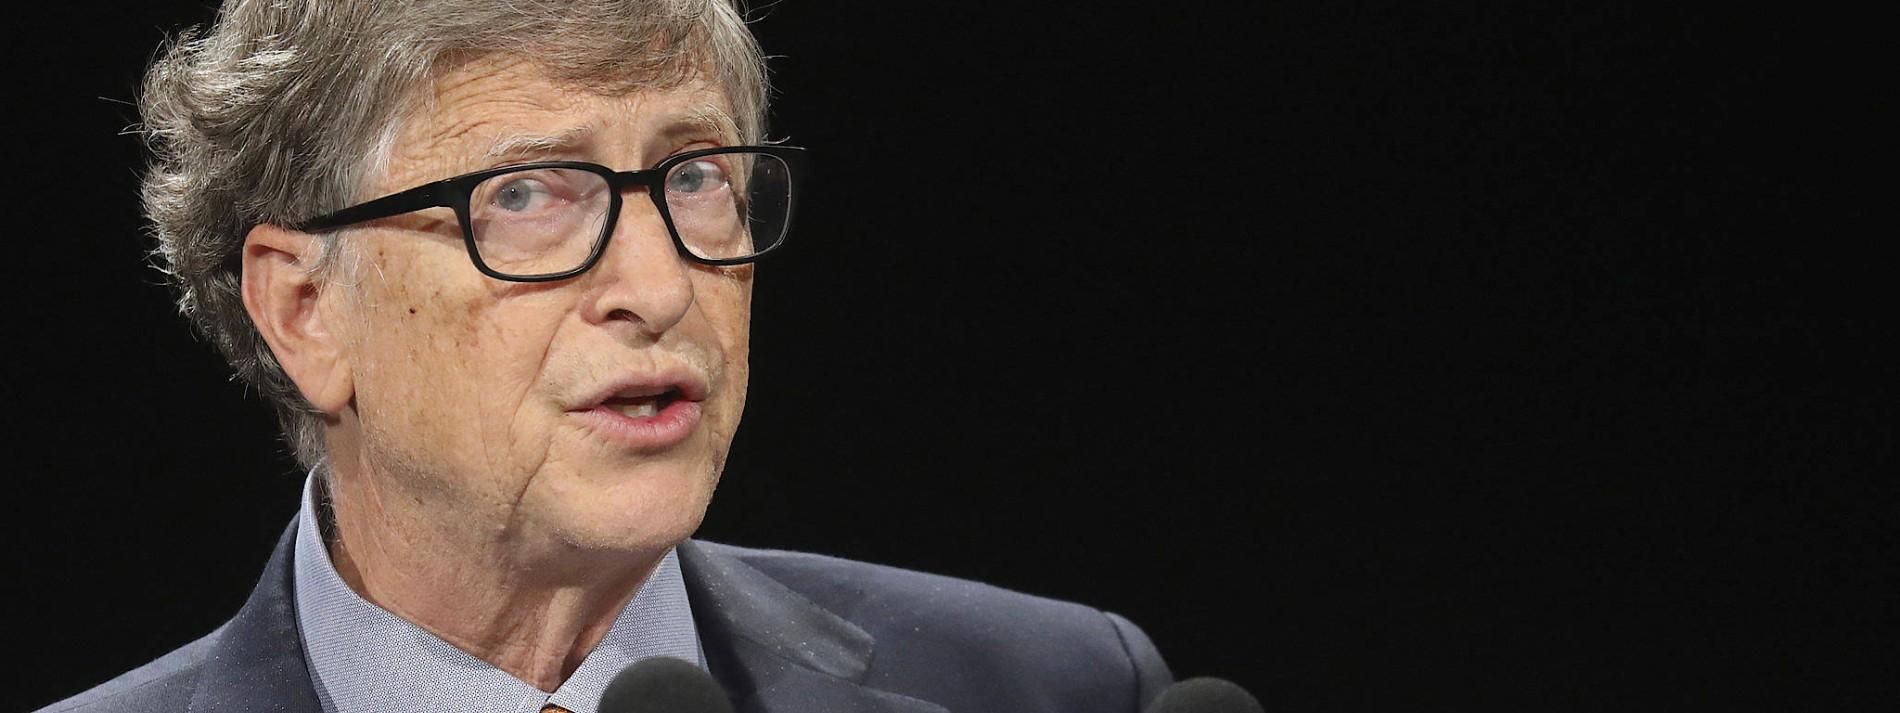 Bill Gates nennt positive Folgen der Corona-Pandemie